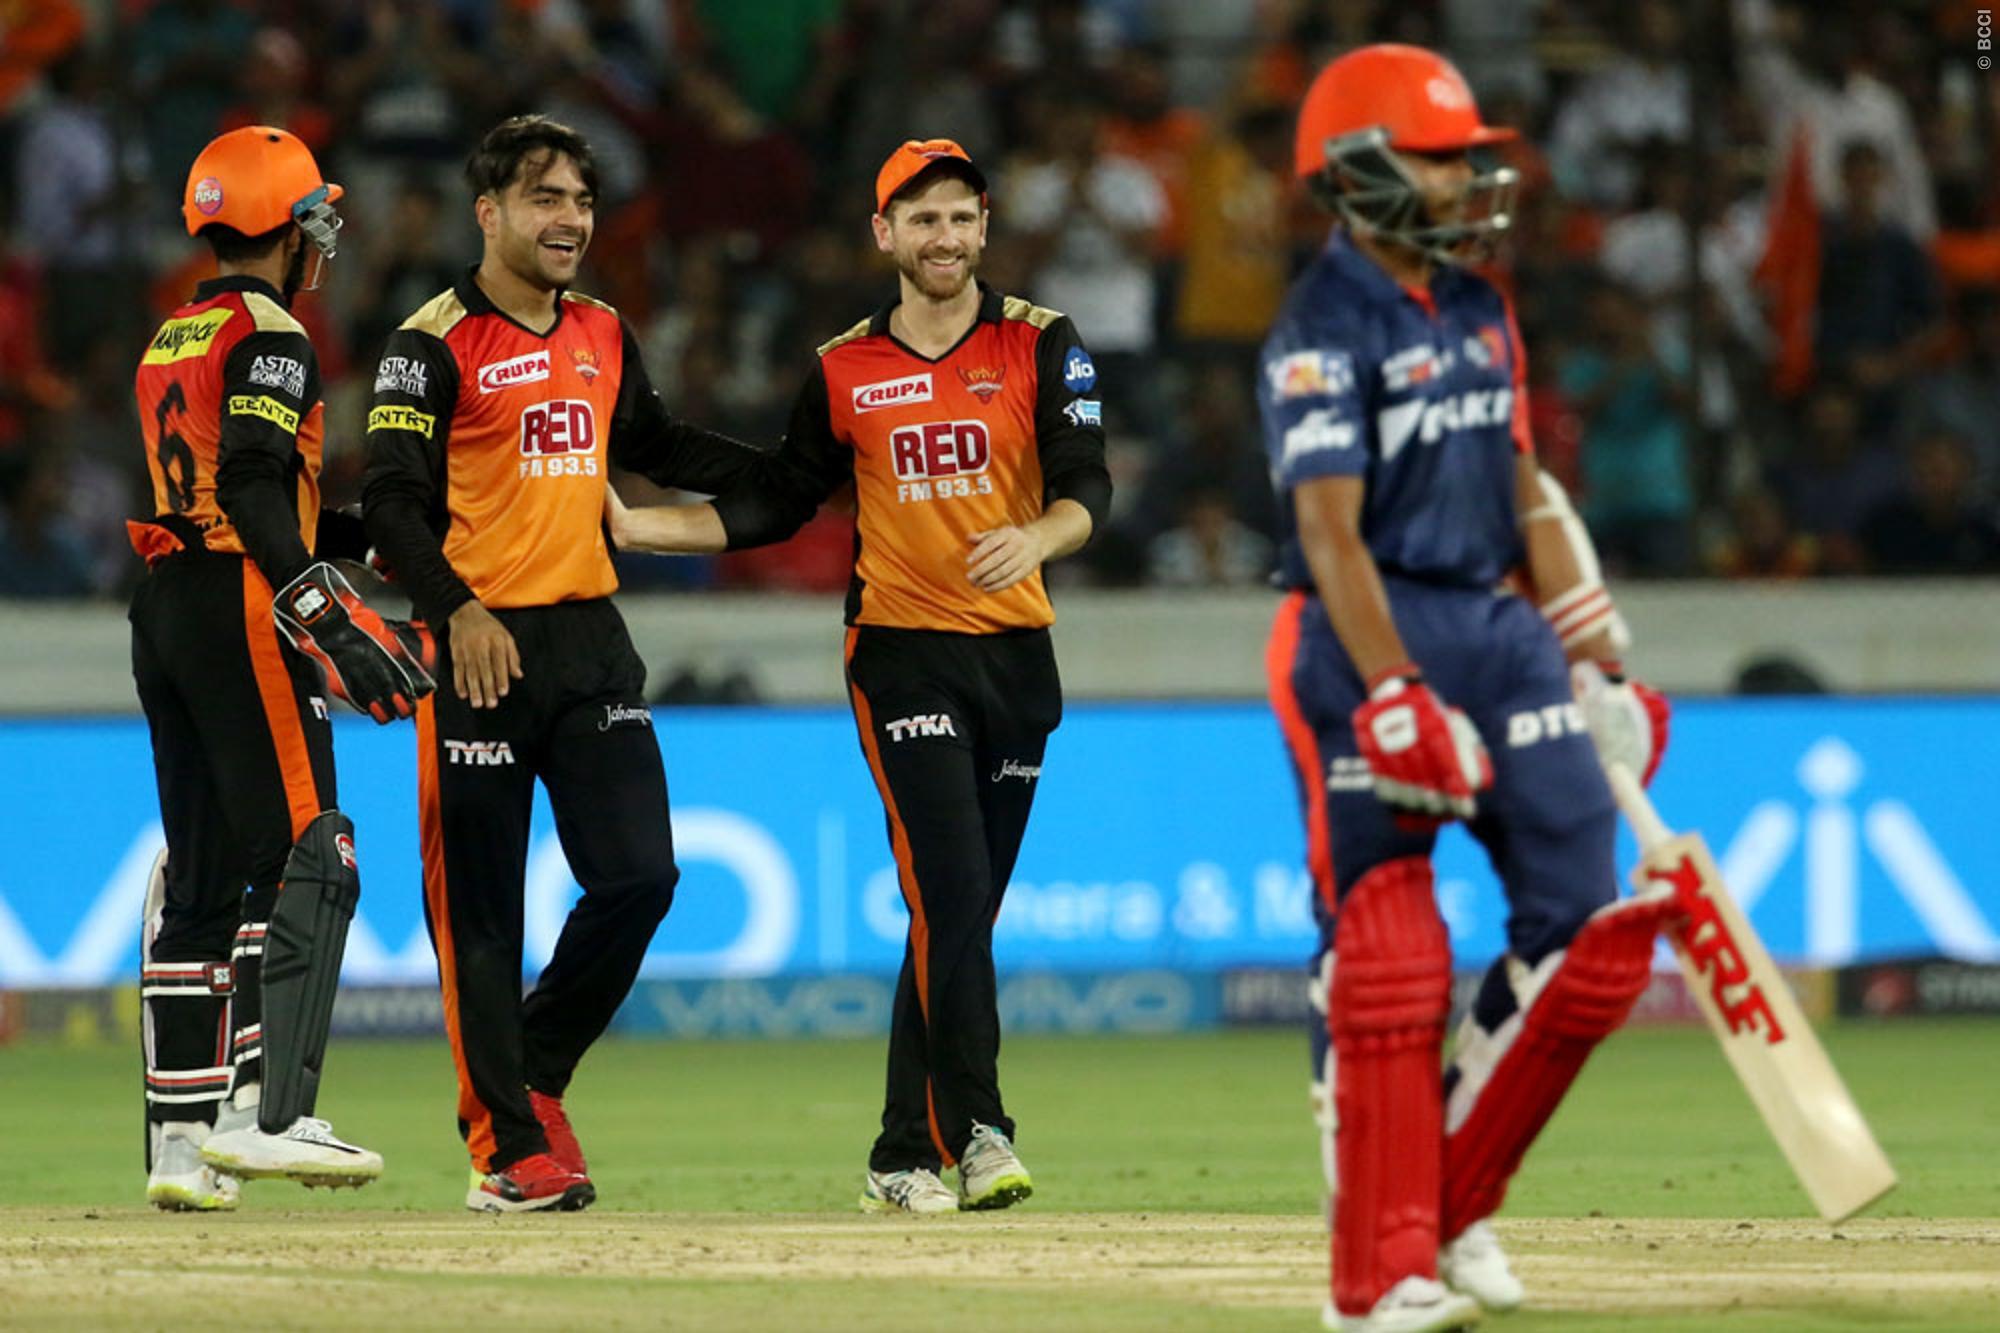 IPL 2018: टॉस से पहले ही अगर श्रेयस अय्यर ने नहीं की होती ये गलती तो दिल्ली डेयर डेविल्स का जीतना था तय 7